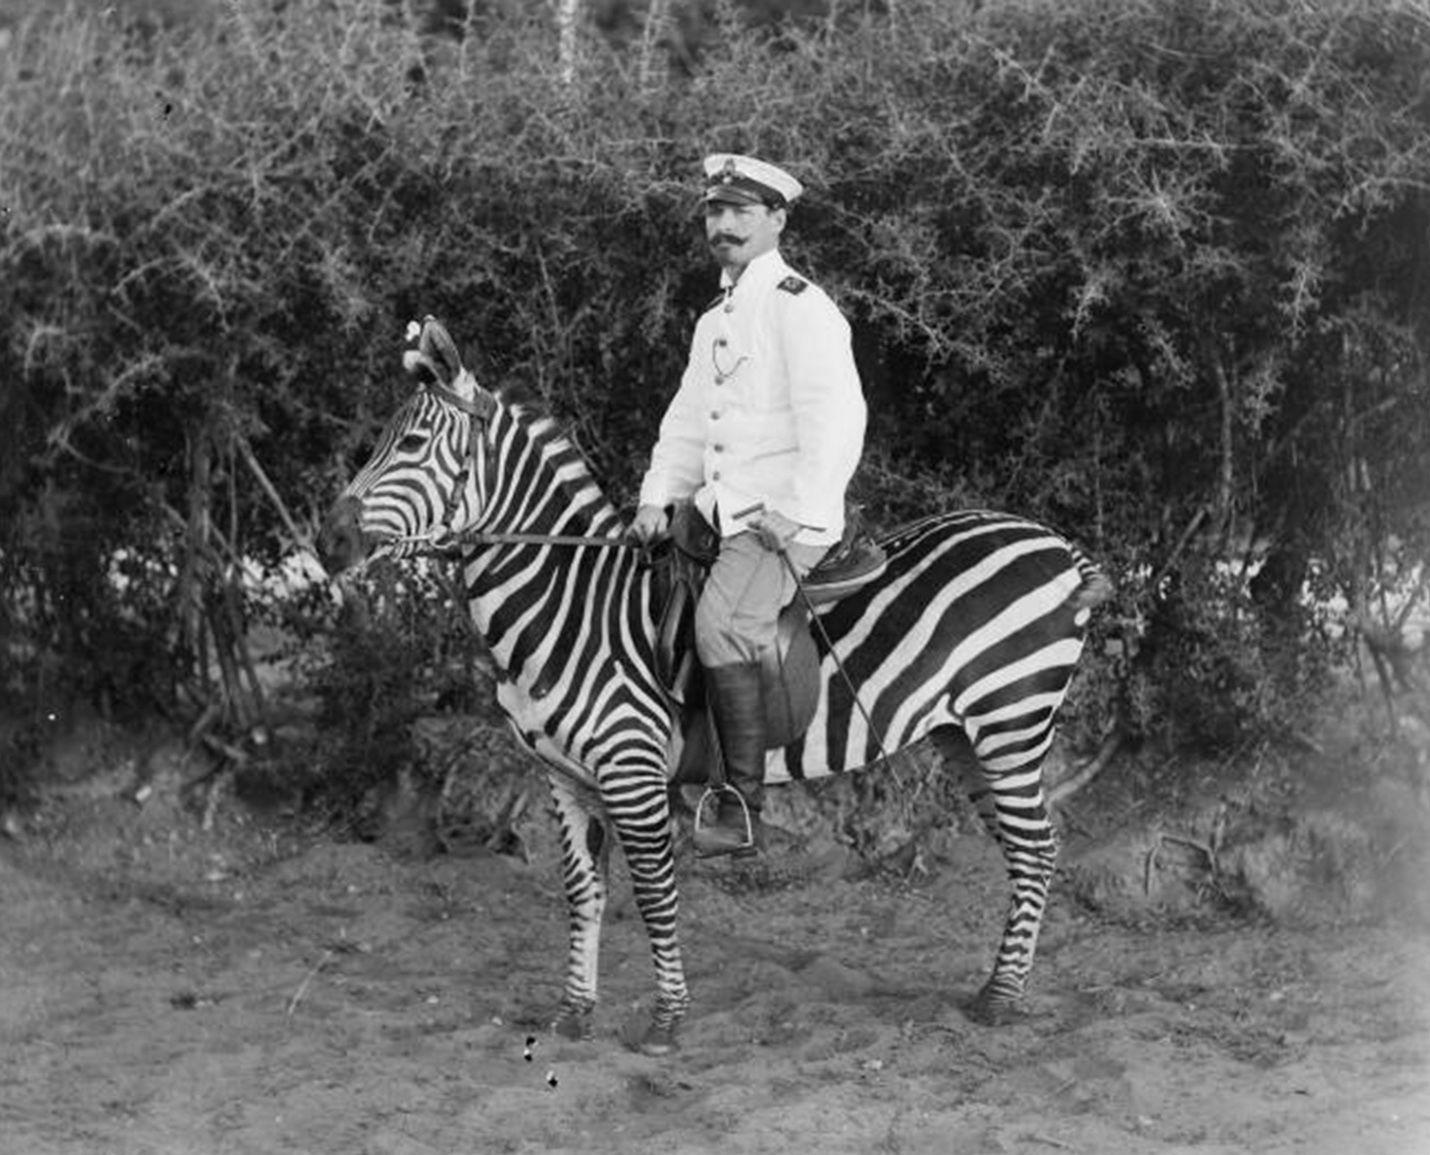 Reiter auf gezähmten Zebra